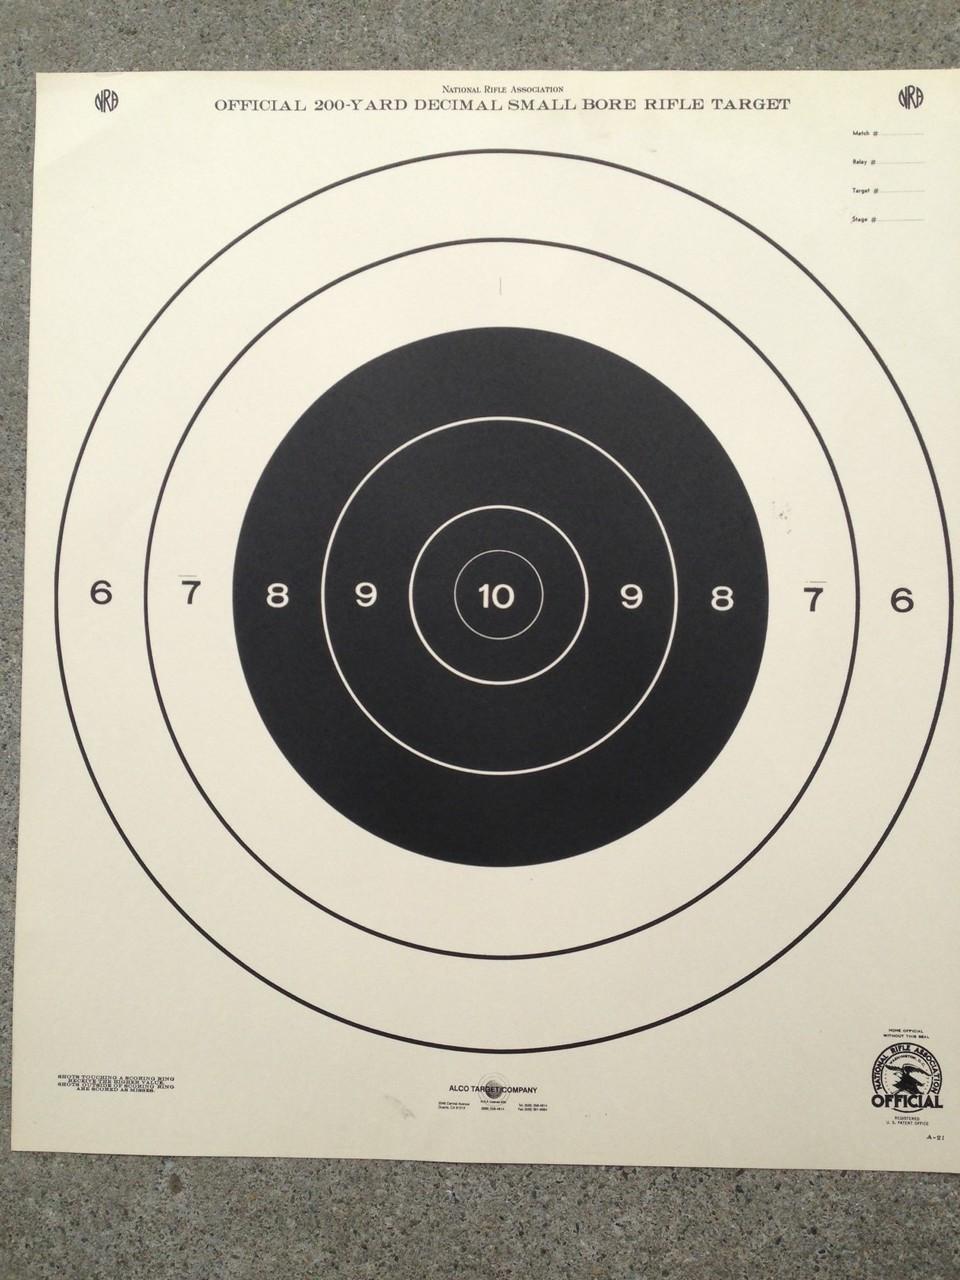 A-21 Shooting Target